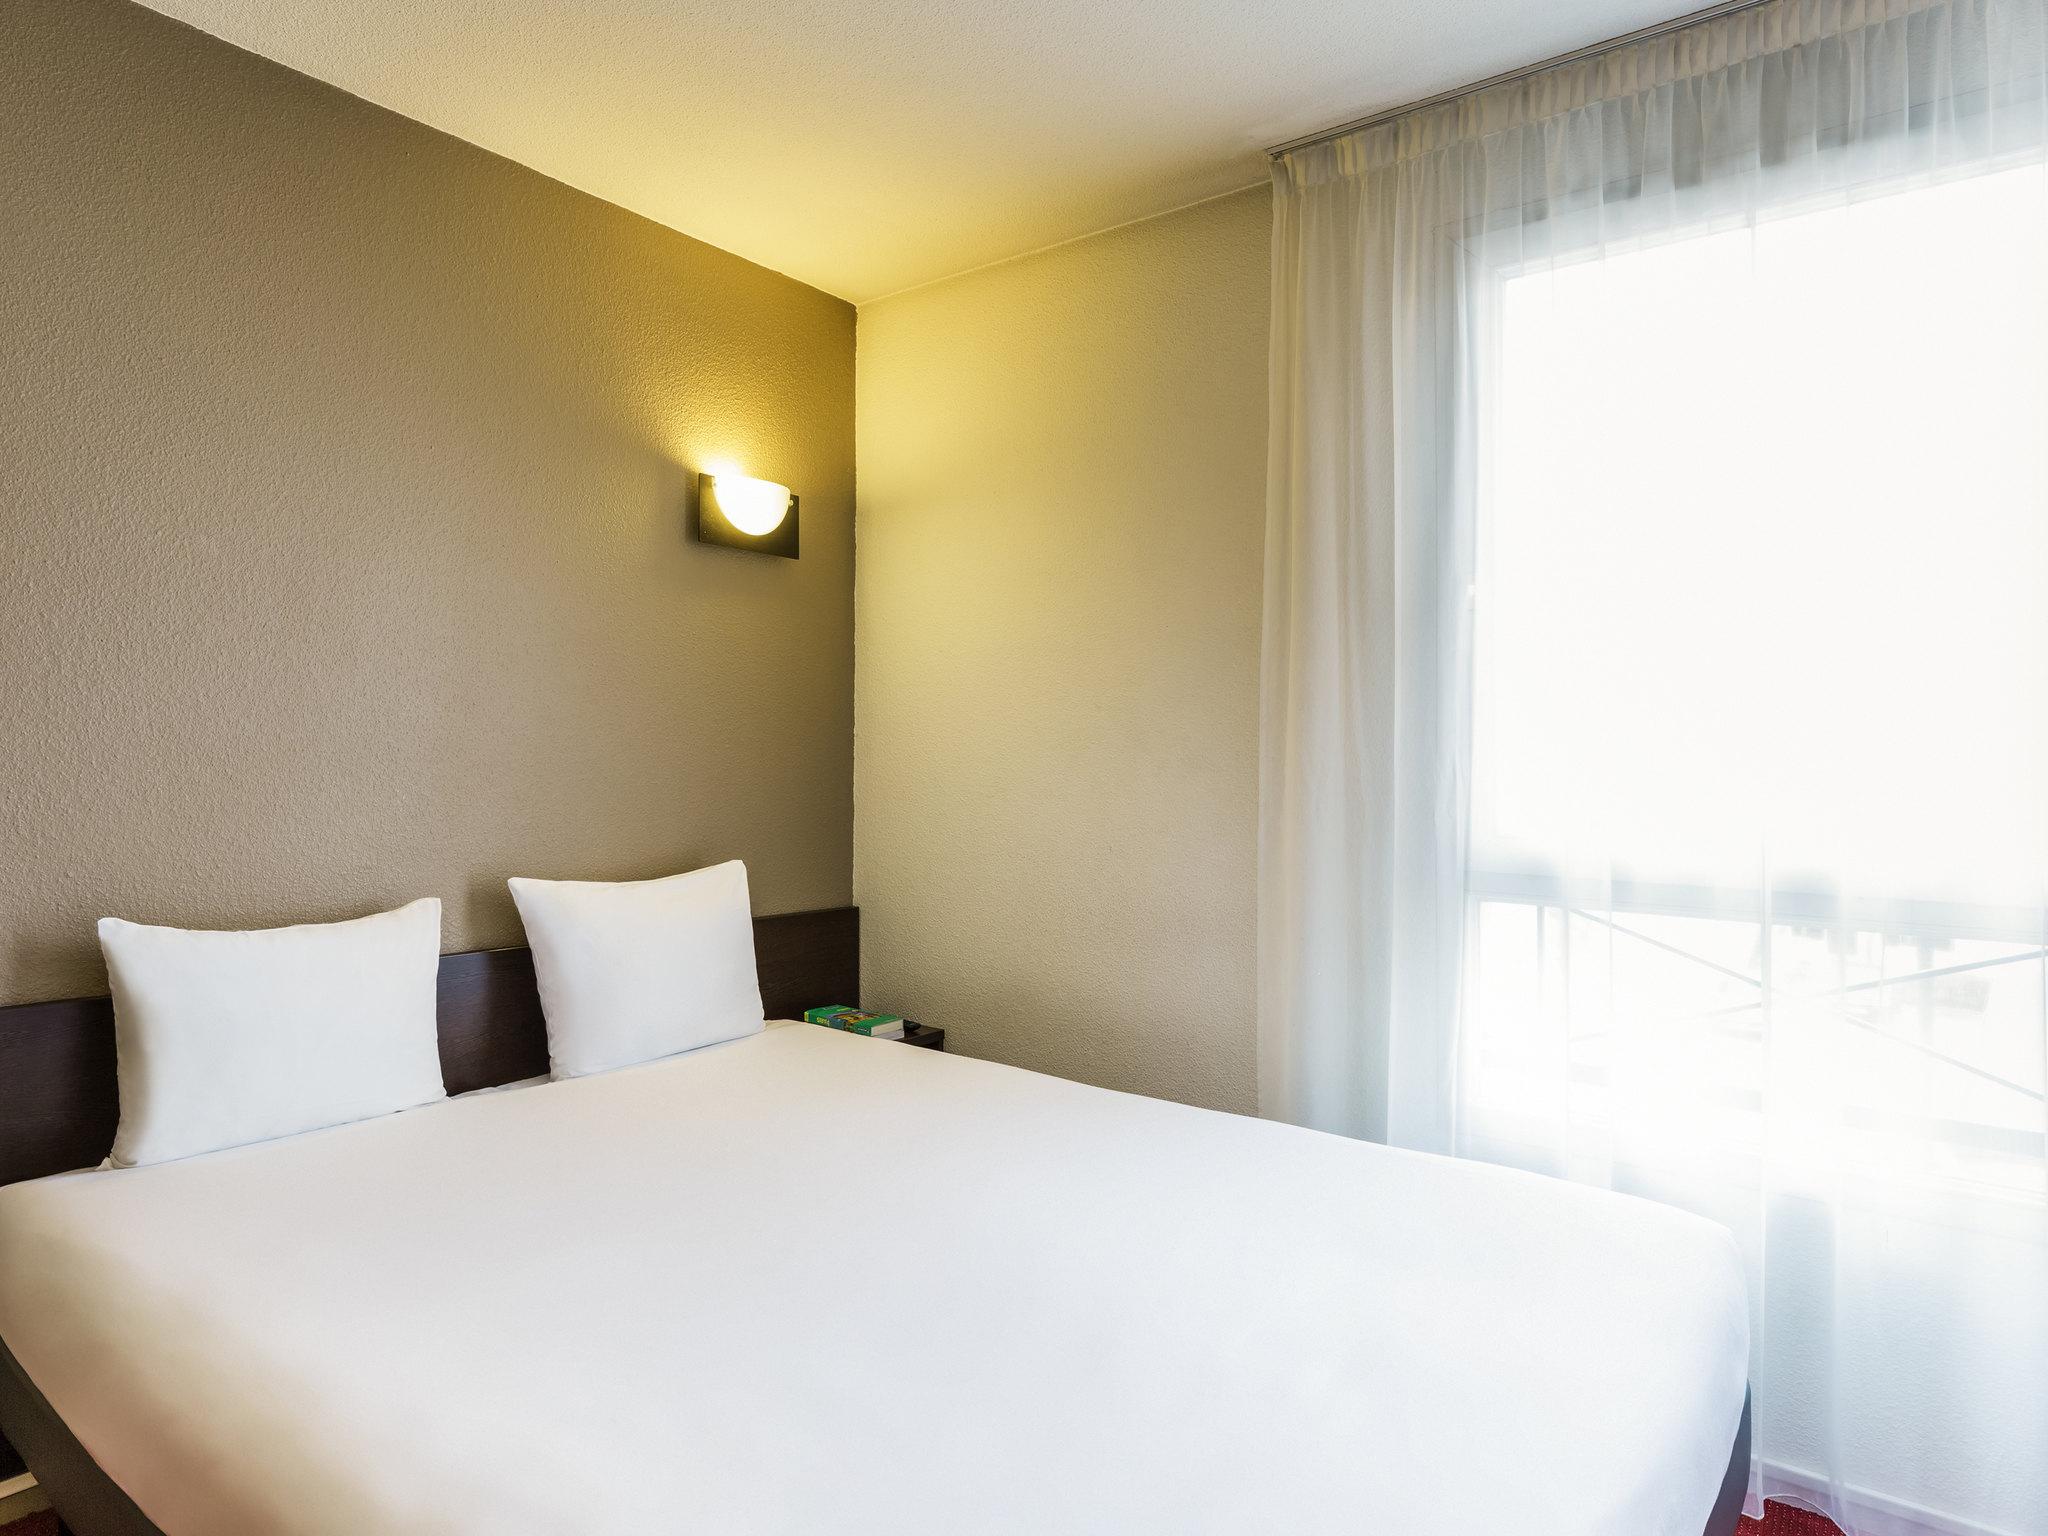 Hotel - Aparthotel Adagio access Vanves Porte de Versailles